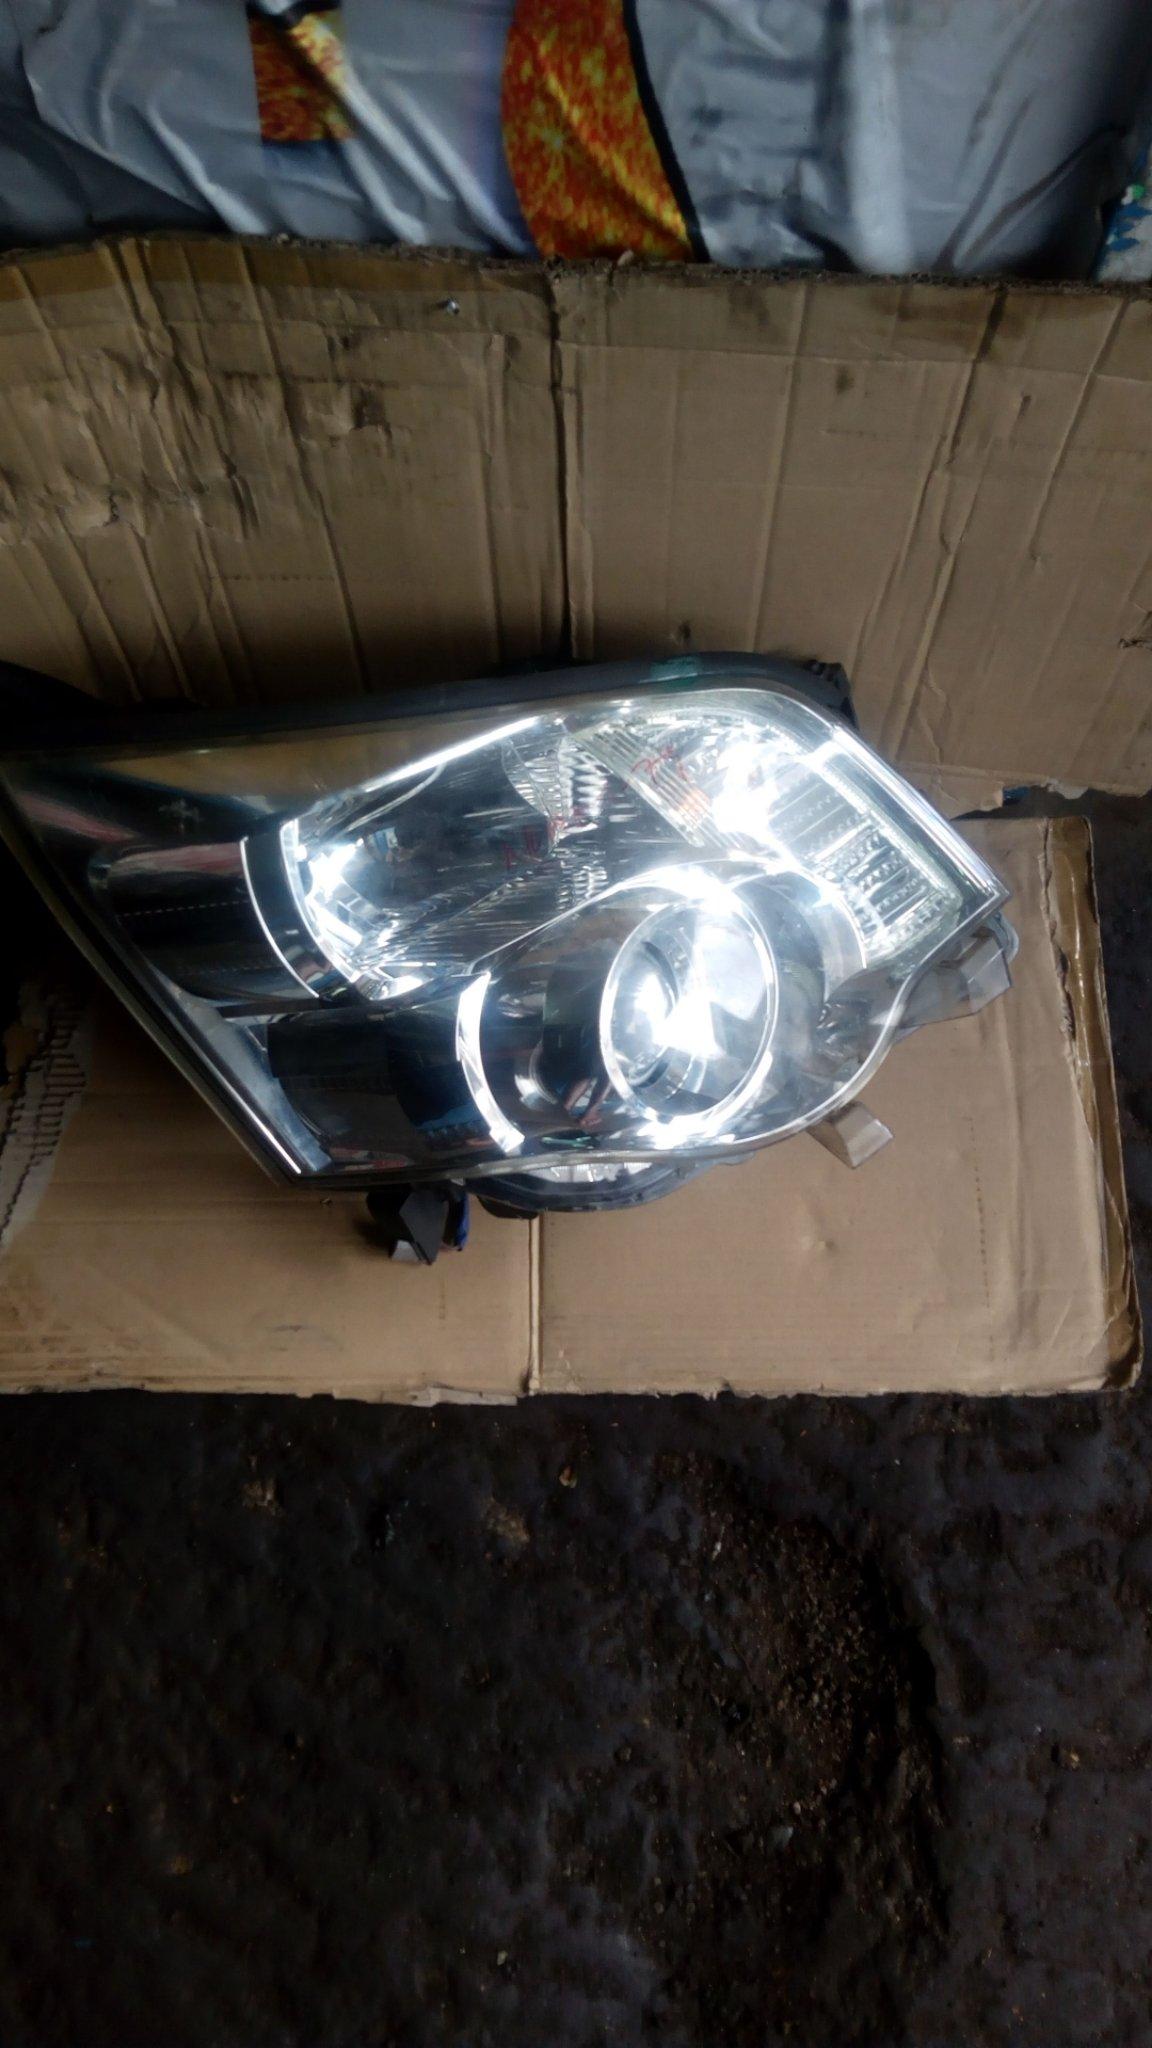 Toyota Noah head light Azr70 00097pk